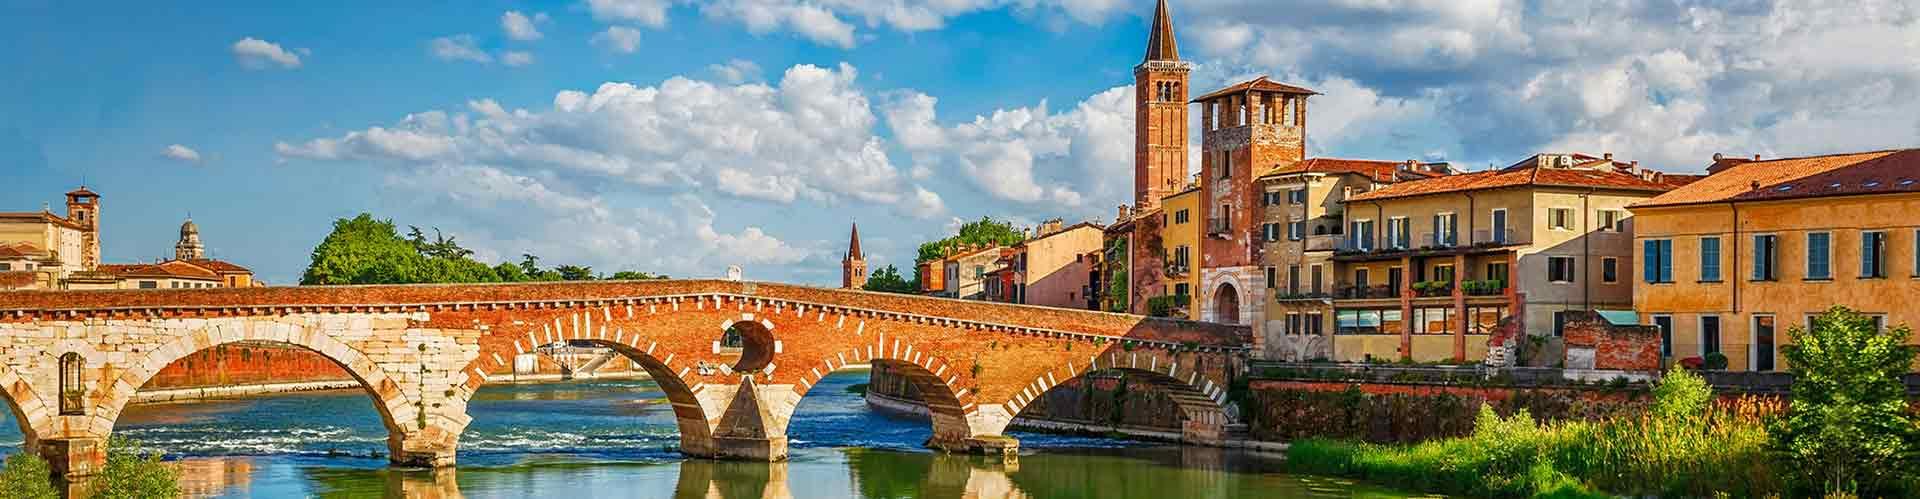 Free Tour Verona -Turismo Italia